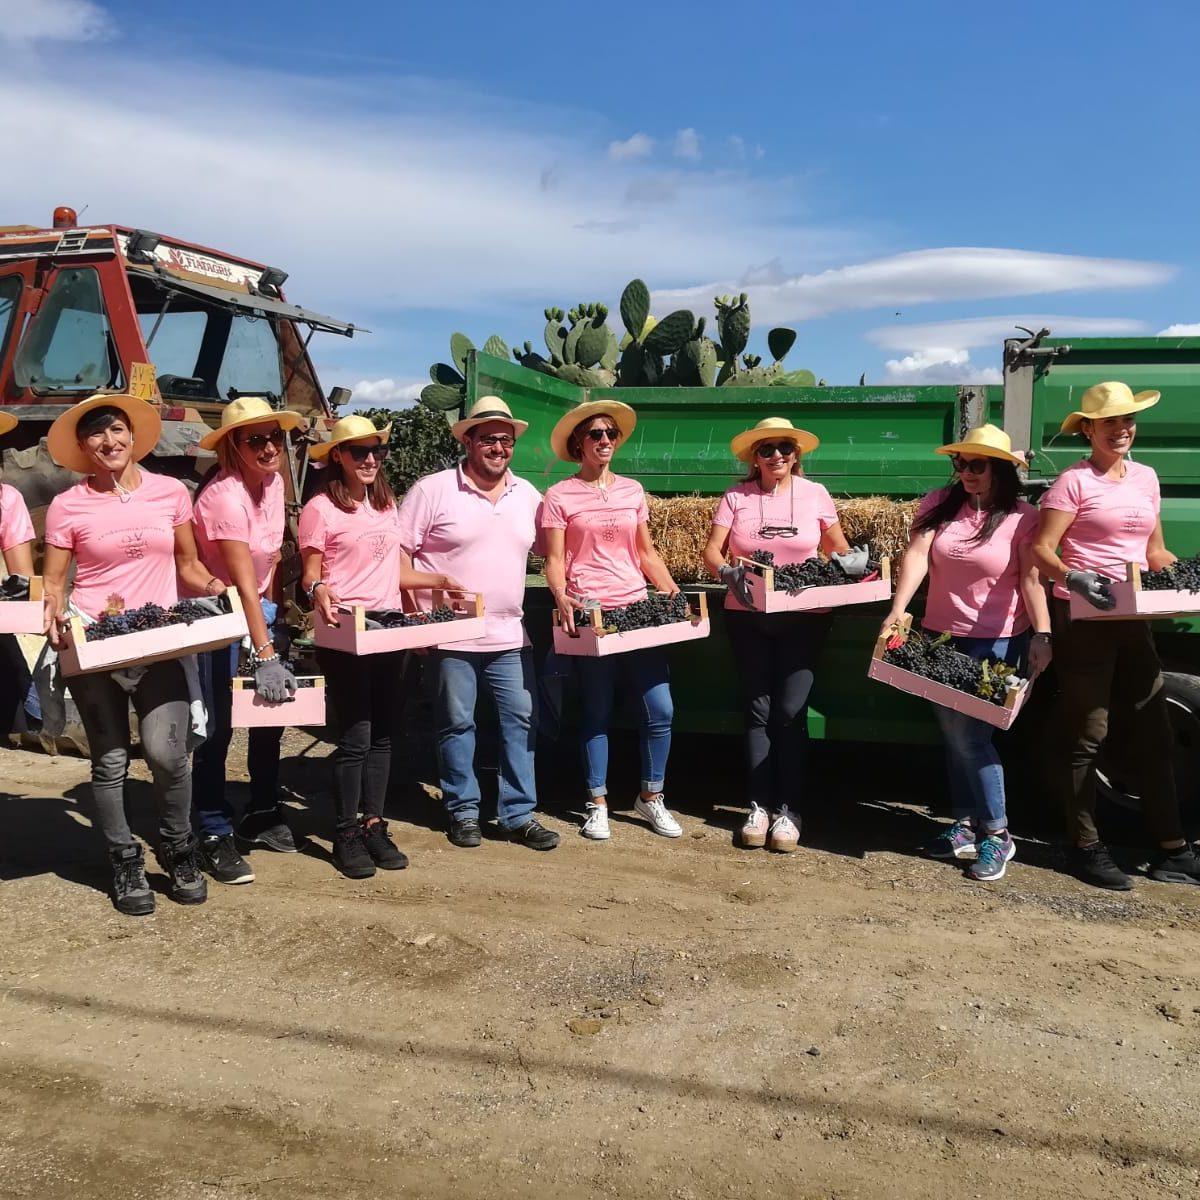 Foto di gruppo con tutto il team della vendemmia in rosa con le cassette piene d'uva.